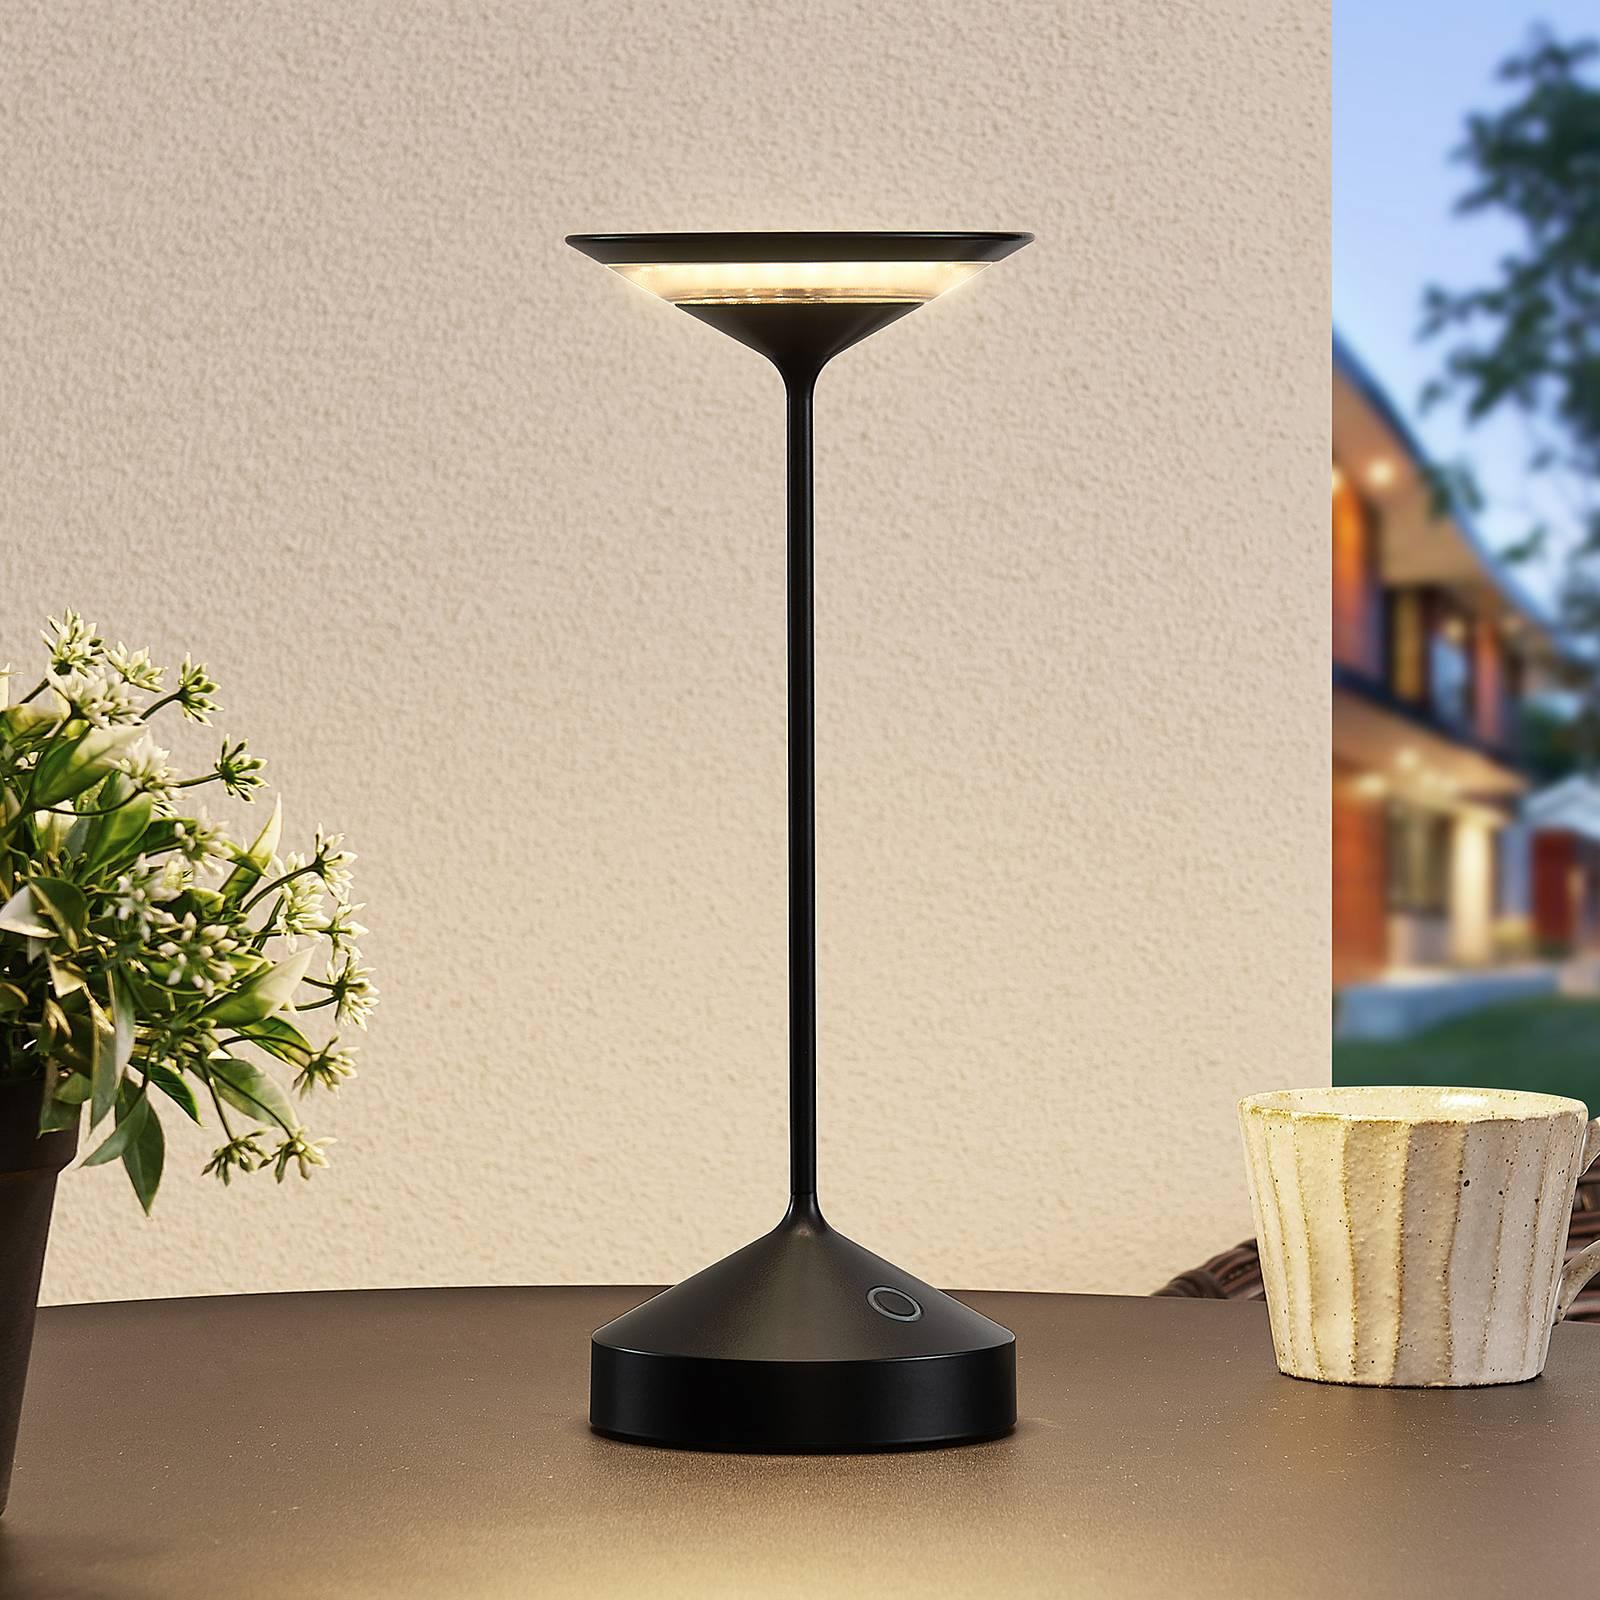 Lucande Raminum lampe à poser LED extérieur, noire